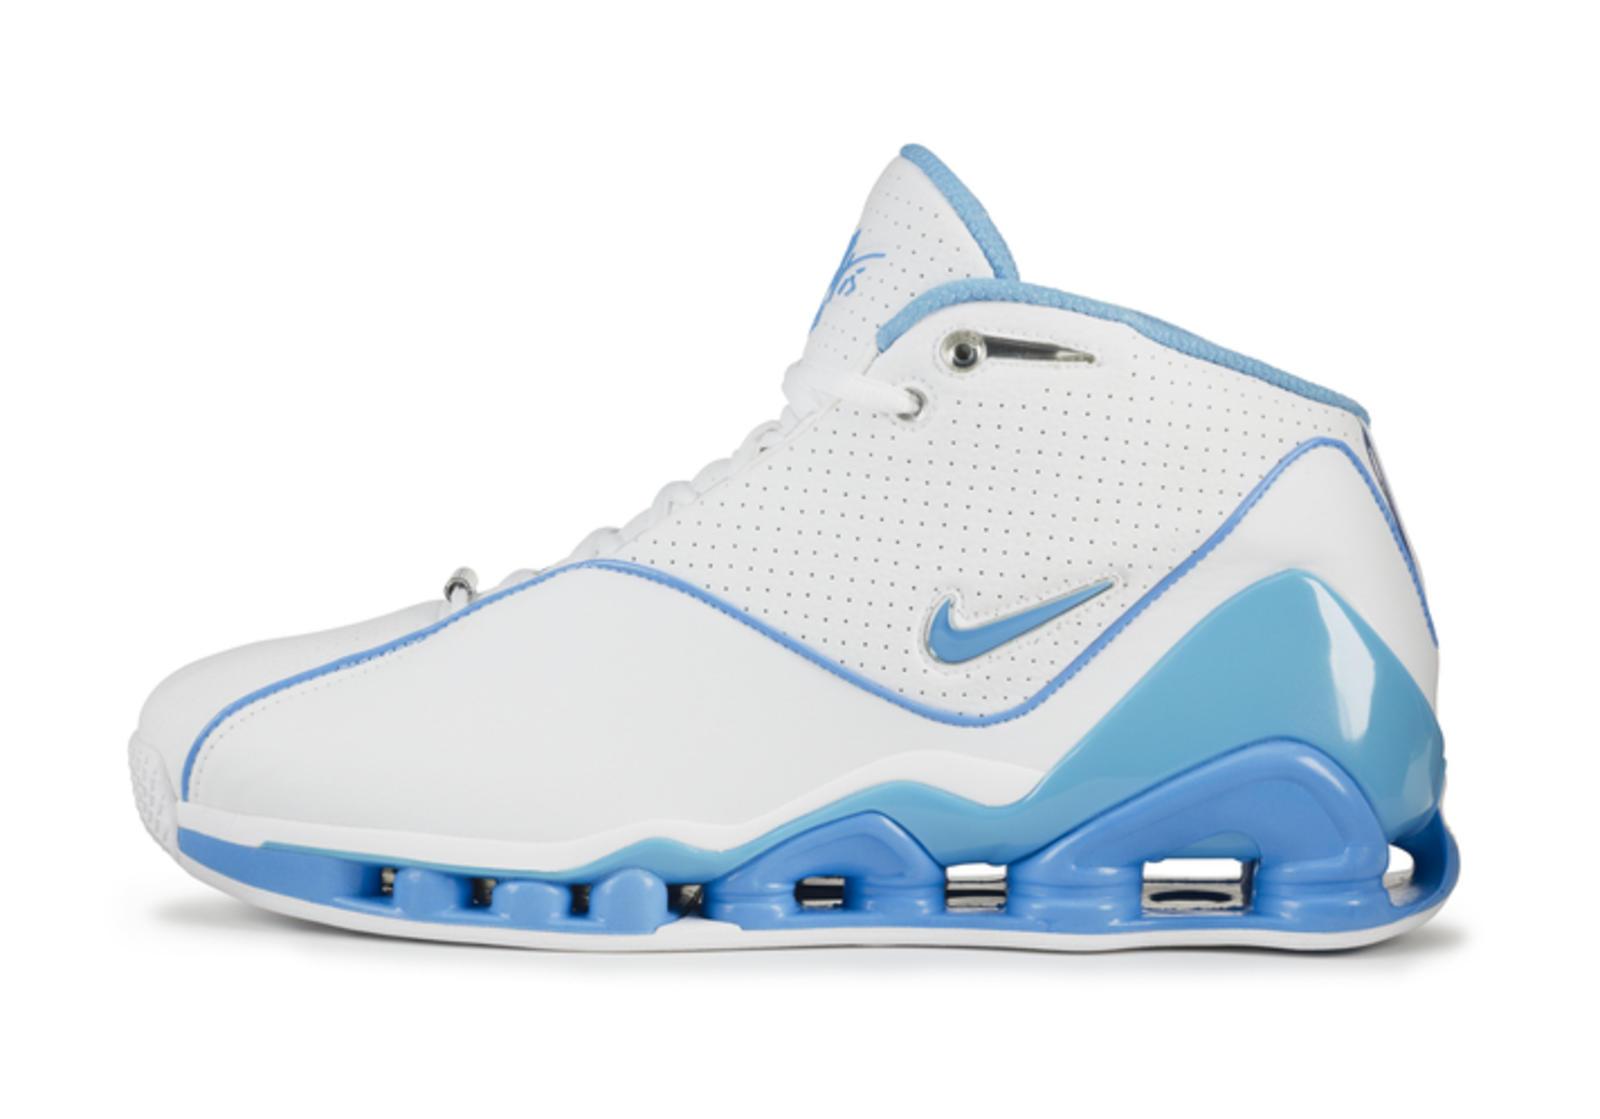 Nike shox VC II 2004